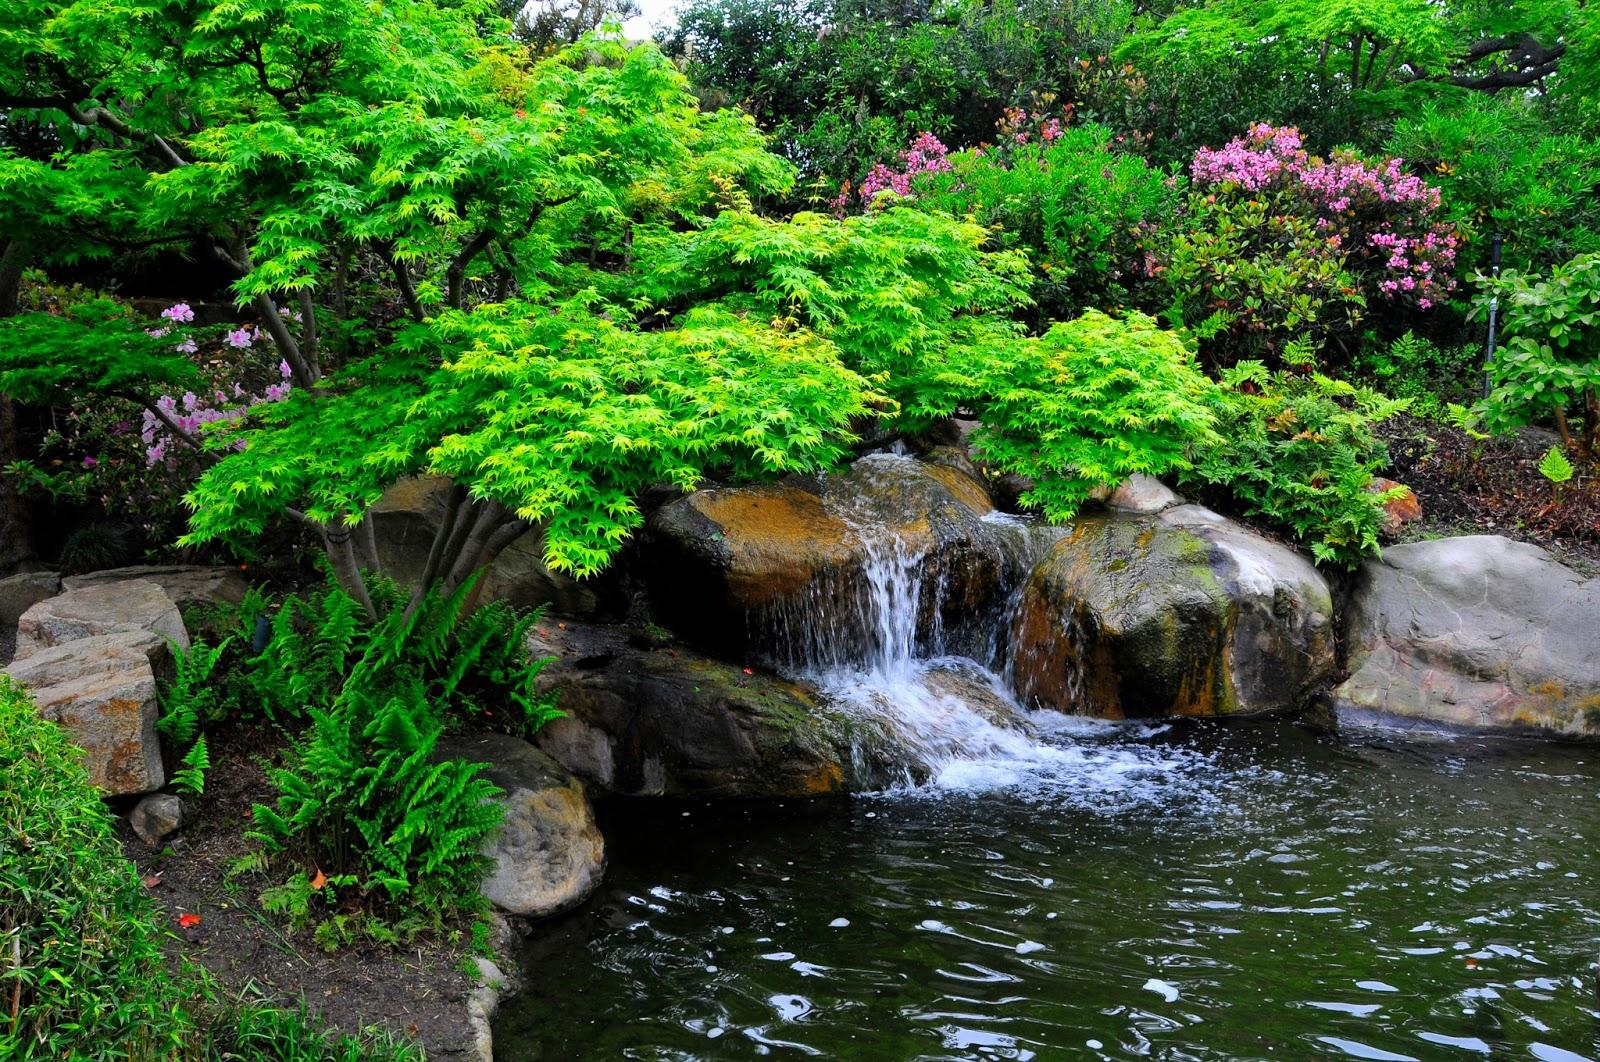 Arte y jardiner a jardin acu tico for Estanque natural